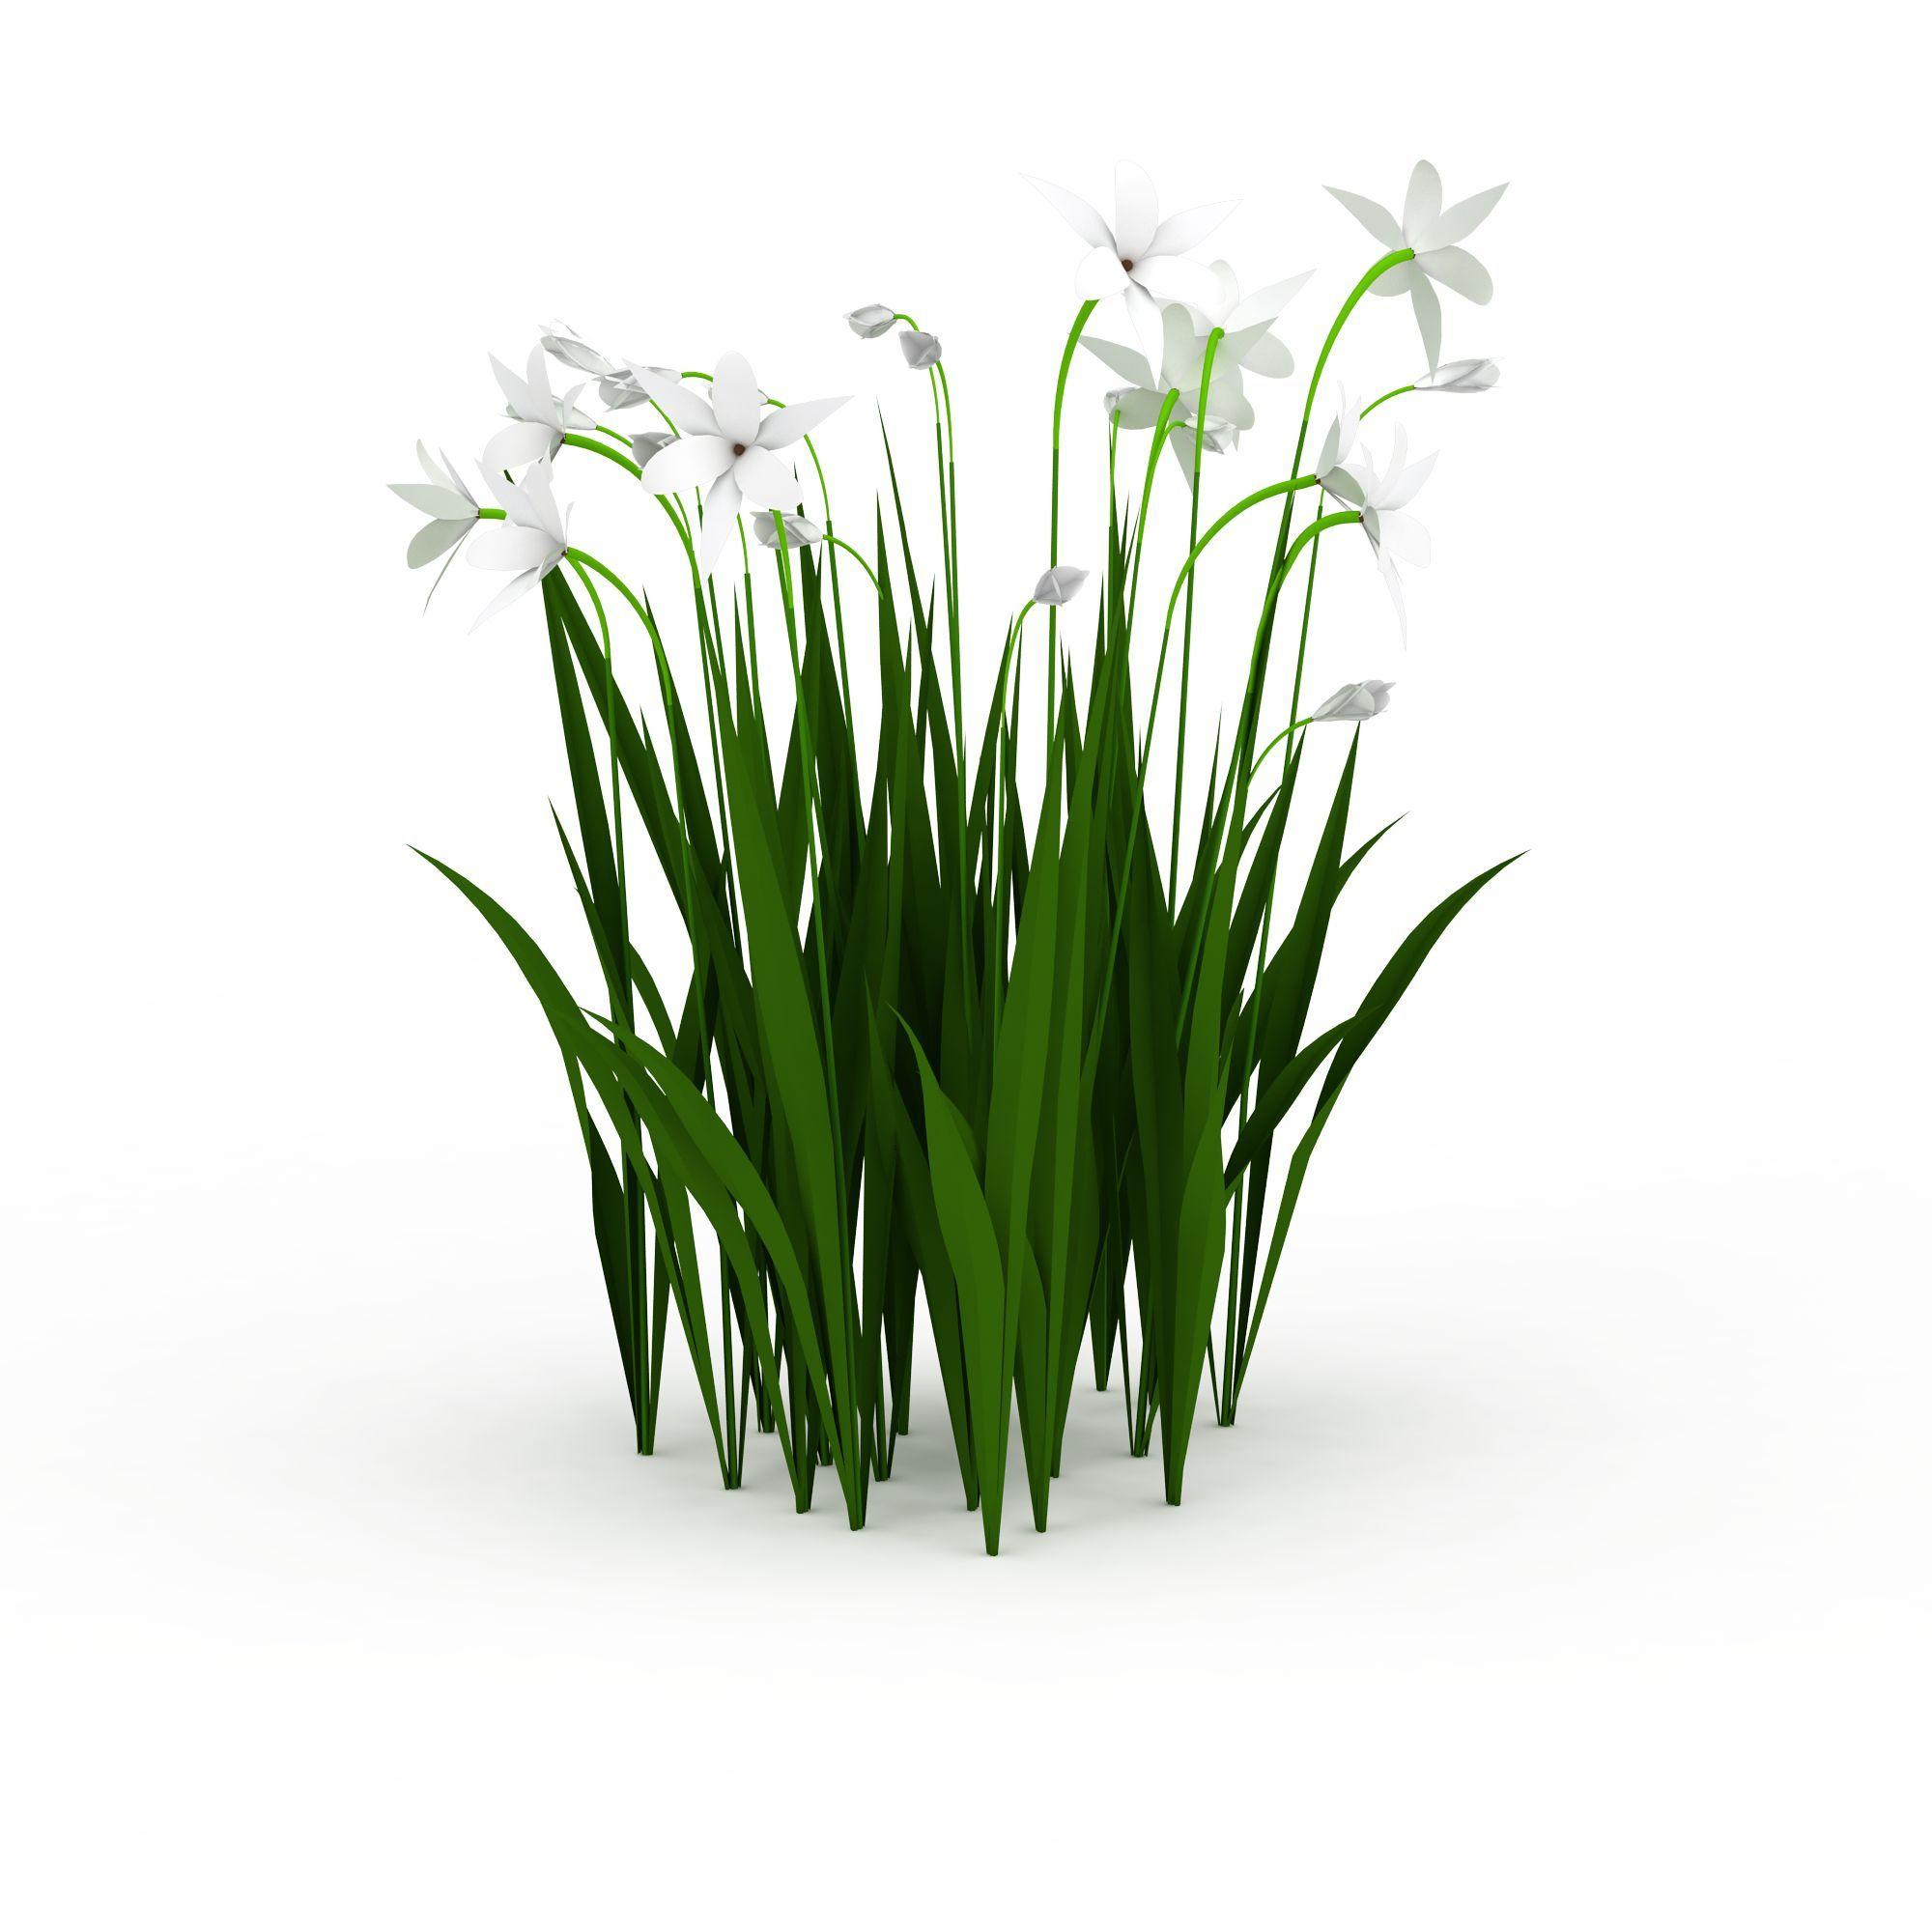 兰花丛图片_兰花丛png图片素材_兰花丛png高清图下载